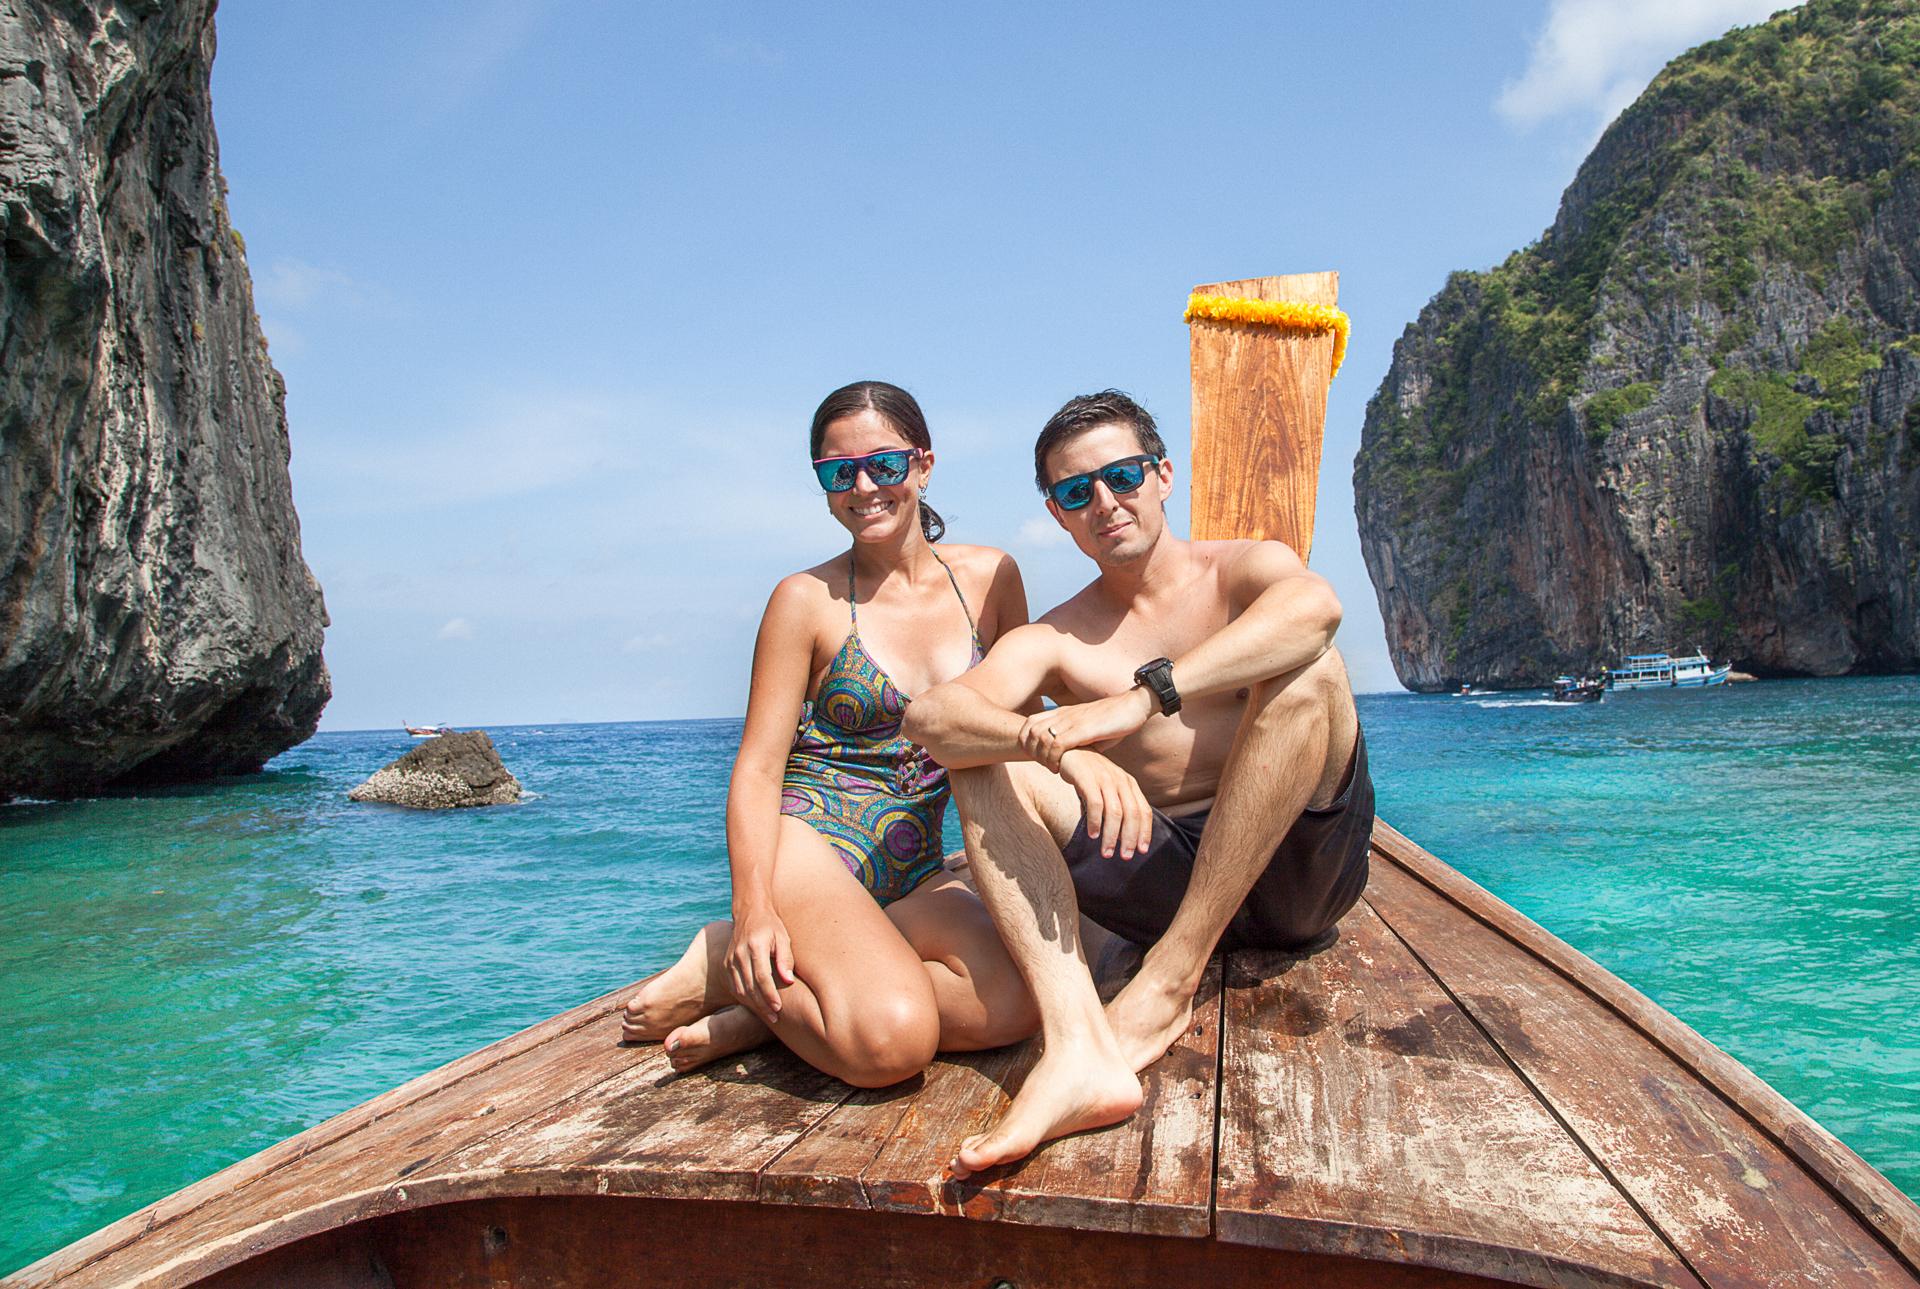 Flávio e Geisiele conhecendo Maia Bay